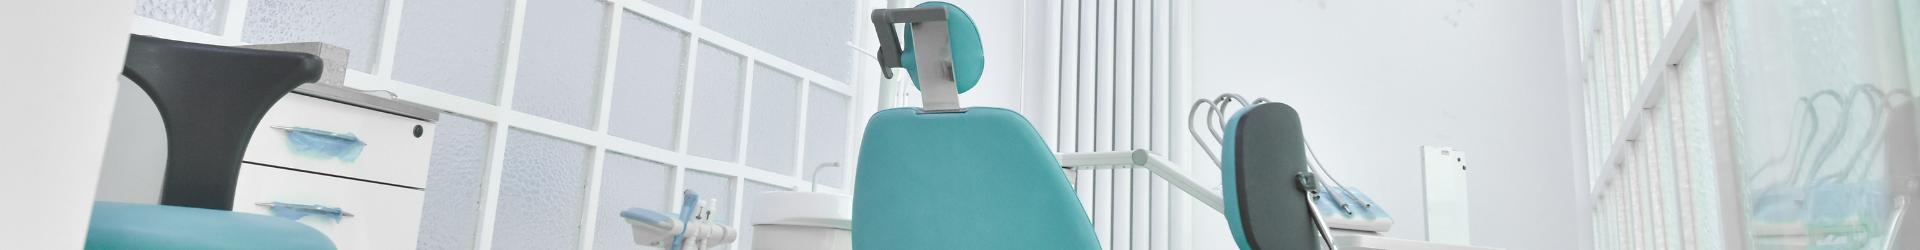 studio odontoiatrico rischio legionella